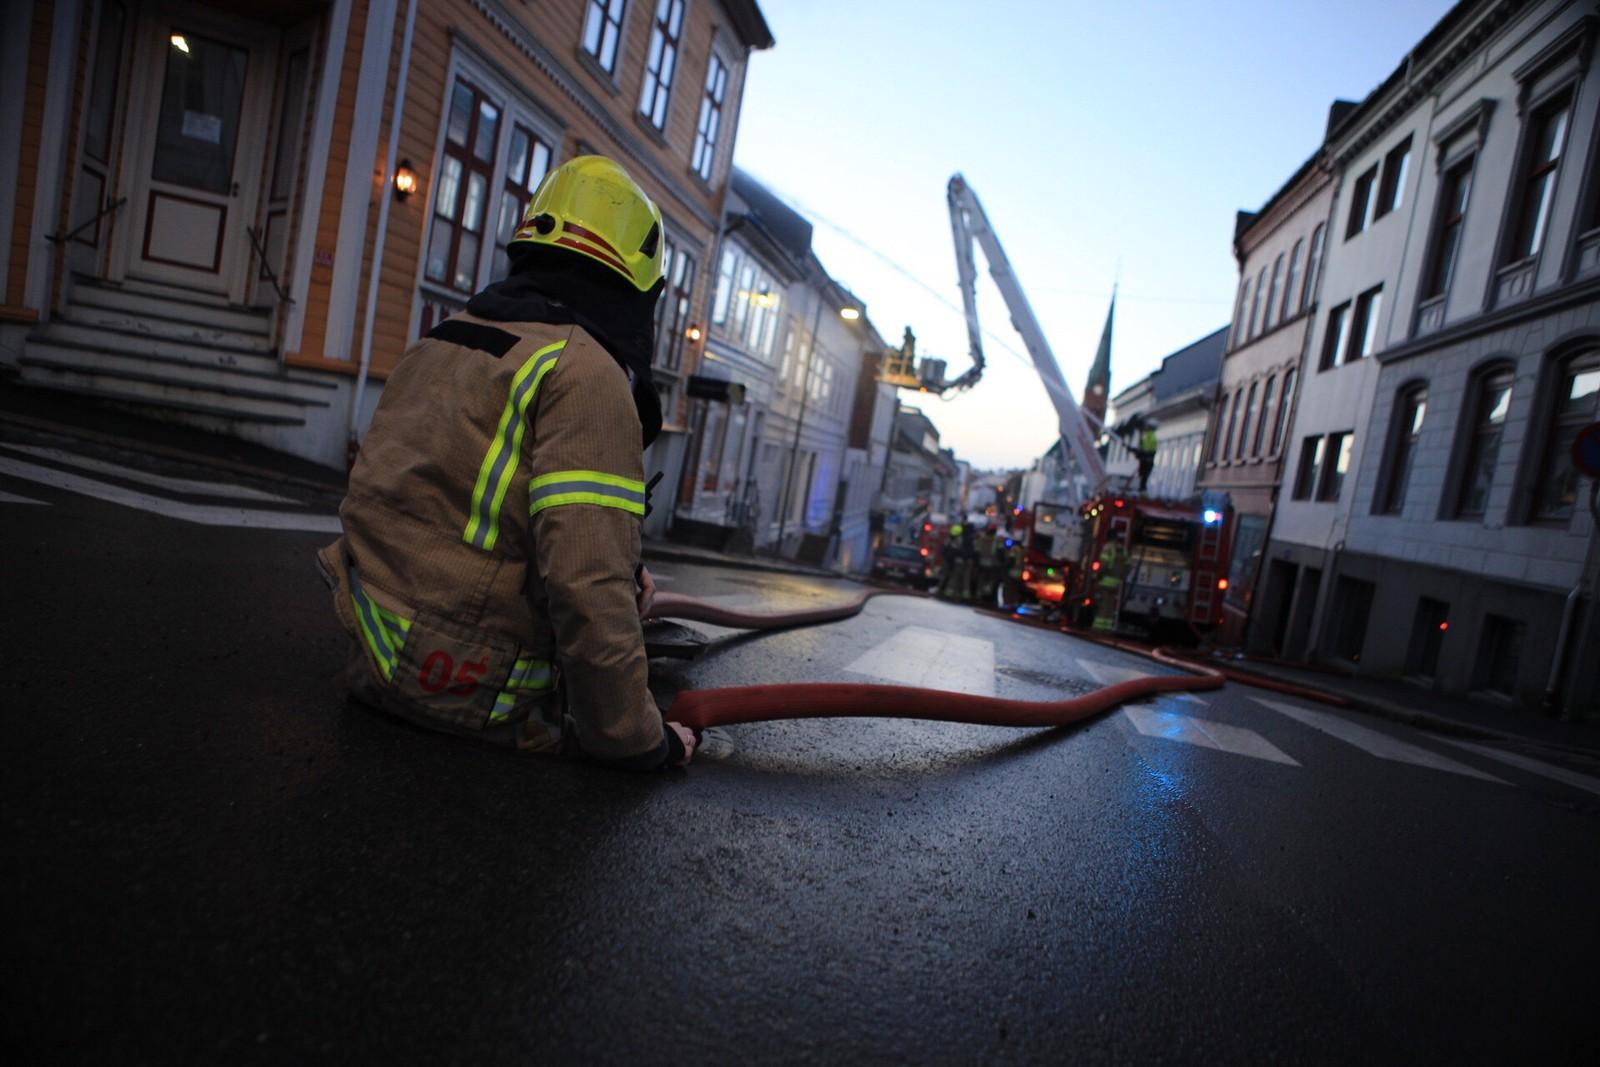 Ifølge Terje Rømyr som er operatør ved 110-sentralen i Agder, ble alt brannmannskap som var tilgjengelig sendt til slukningsarbeidet i Arendal.